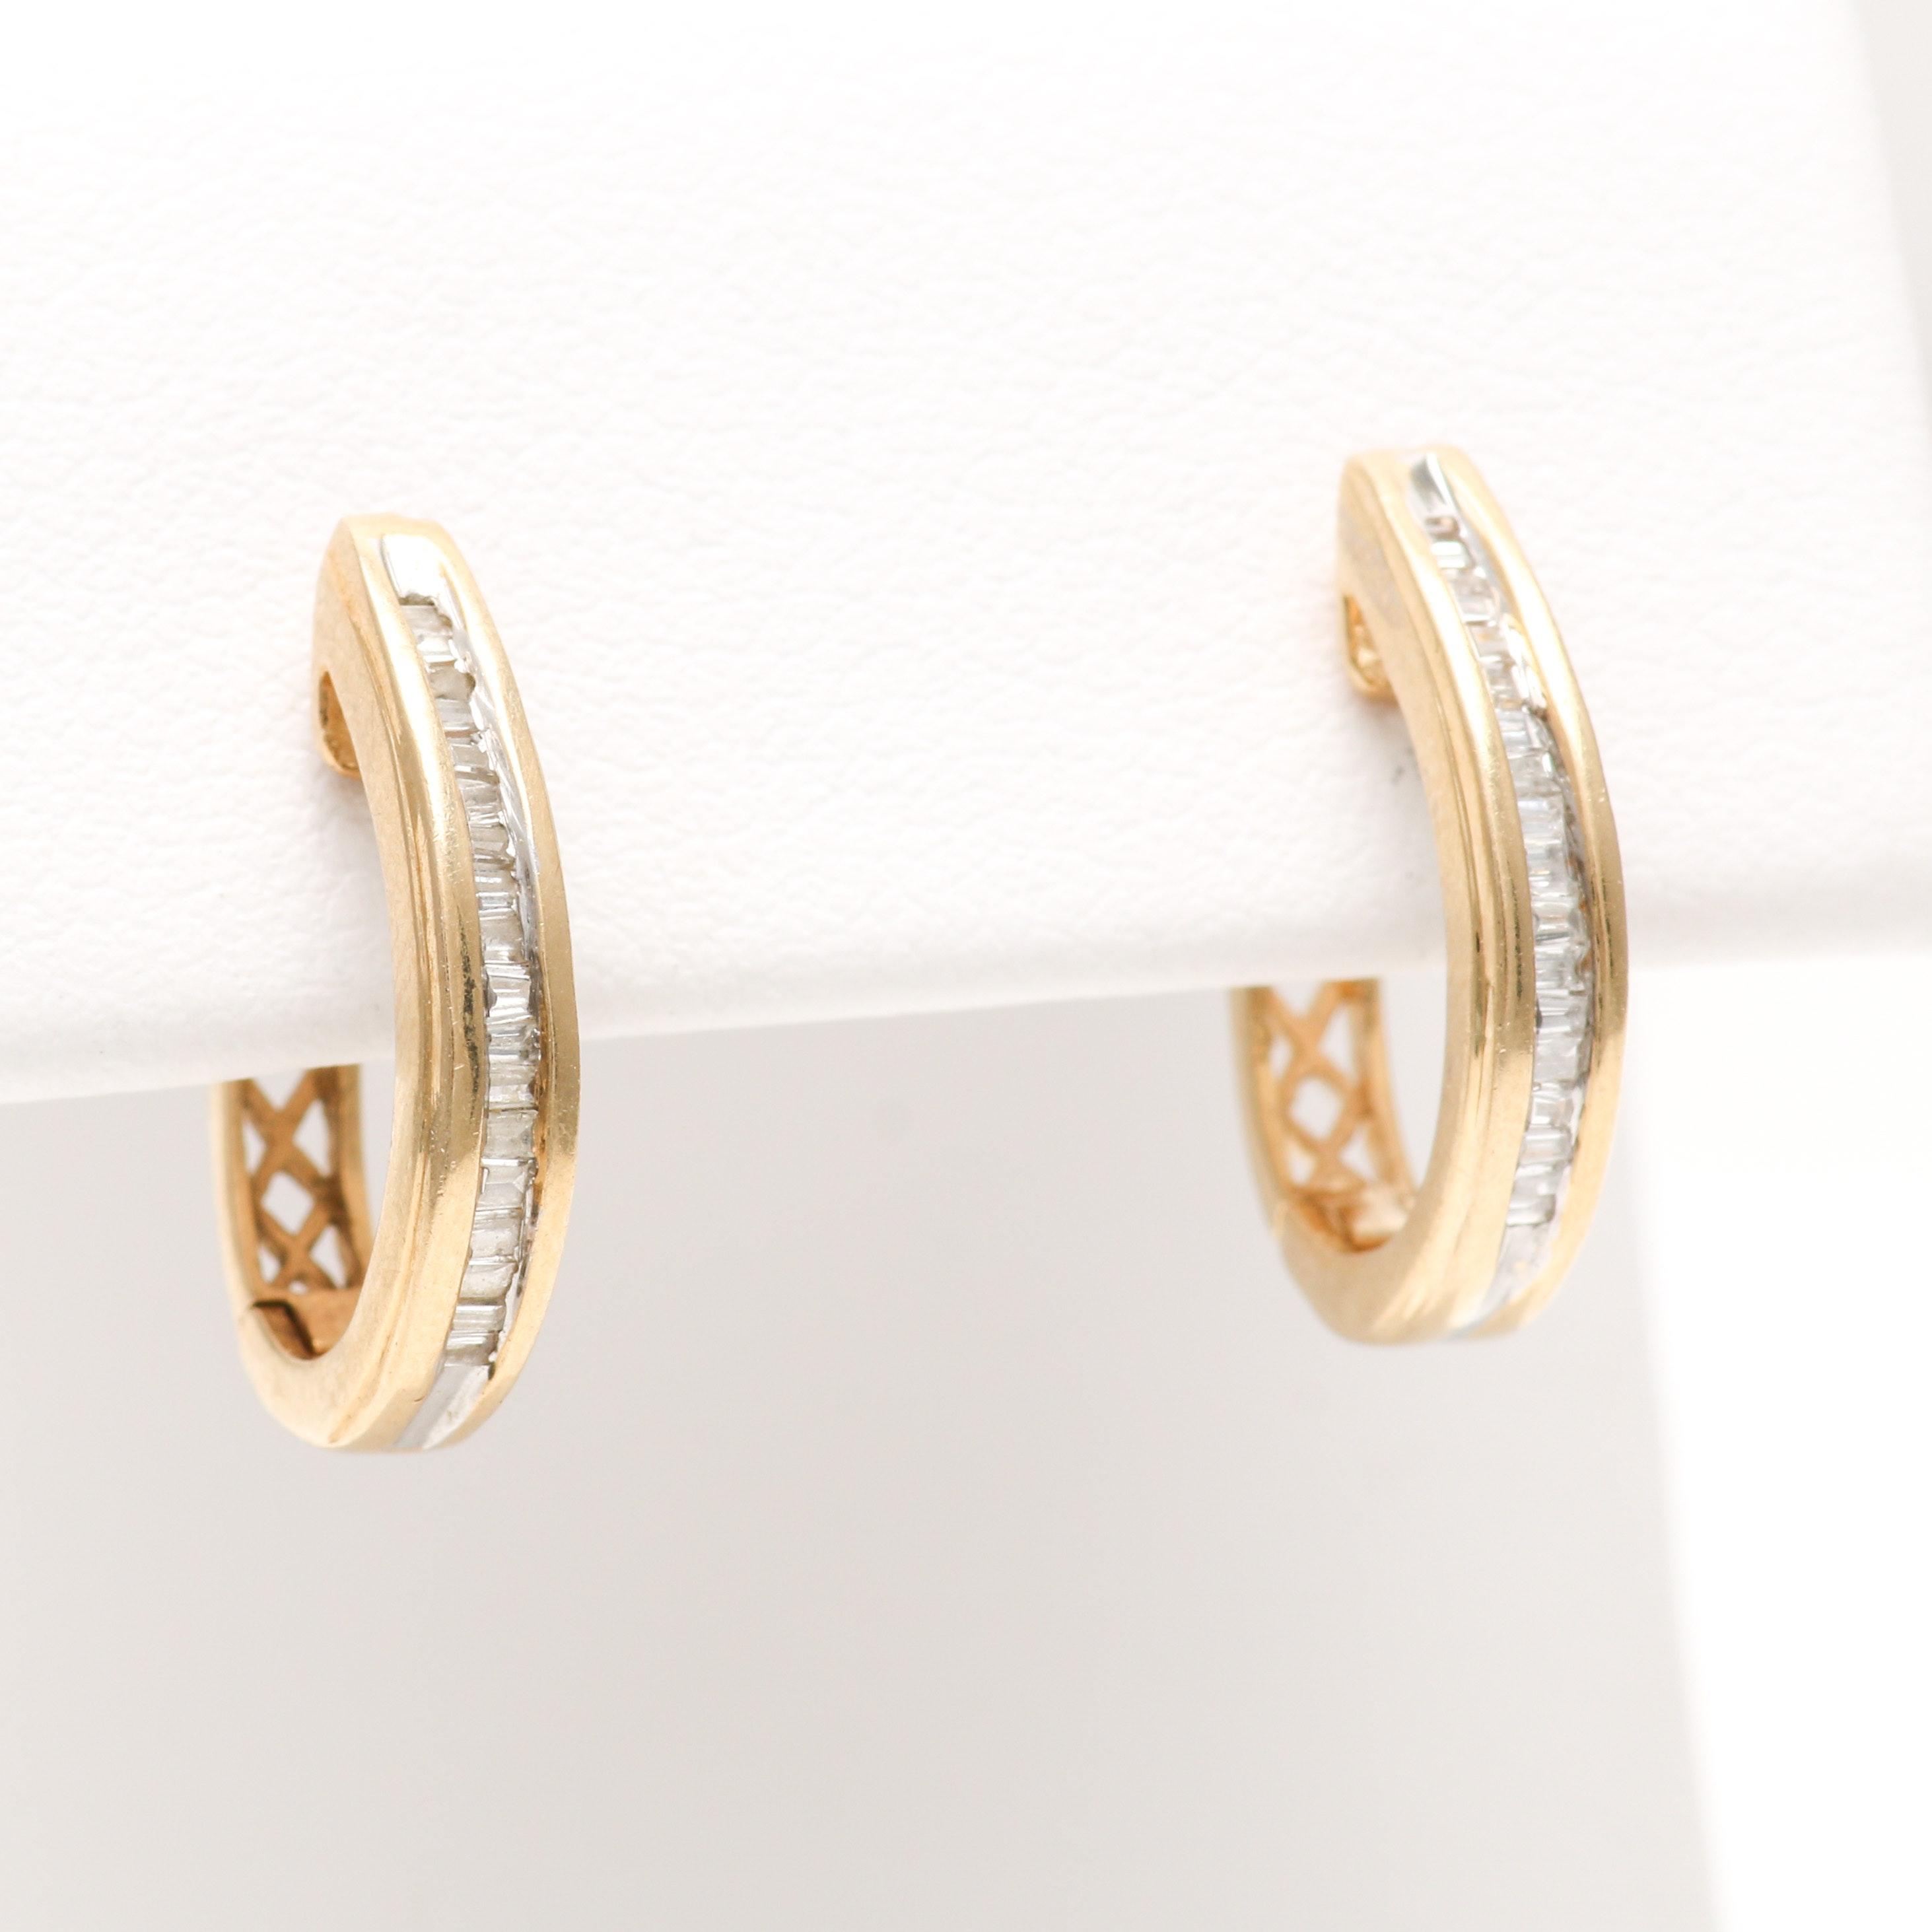 14K Yellow Gold Diamond Channel Set Earrings